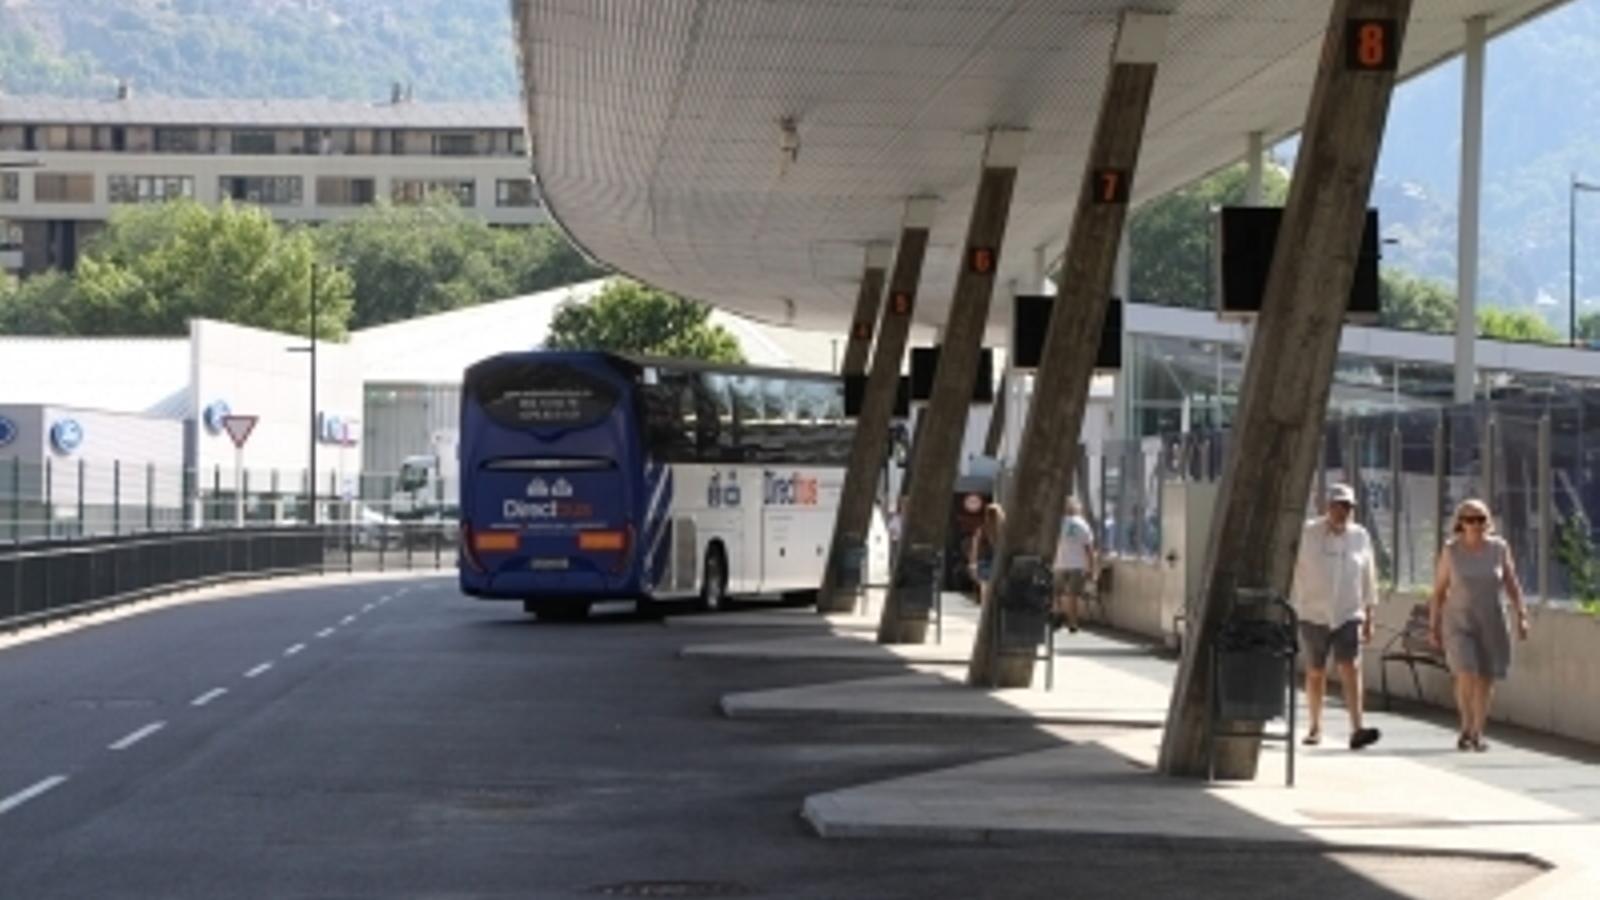 Direct Bus reprèn el servei de transport a Barcelona